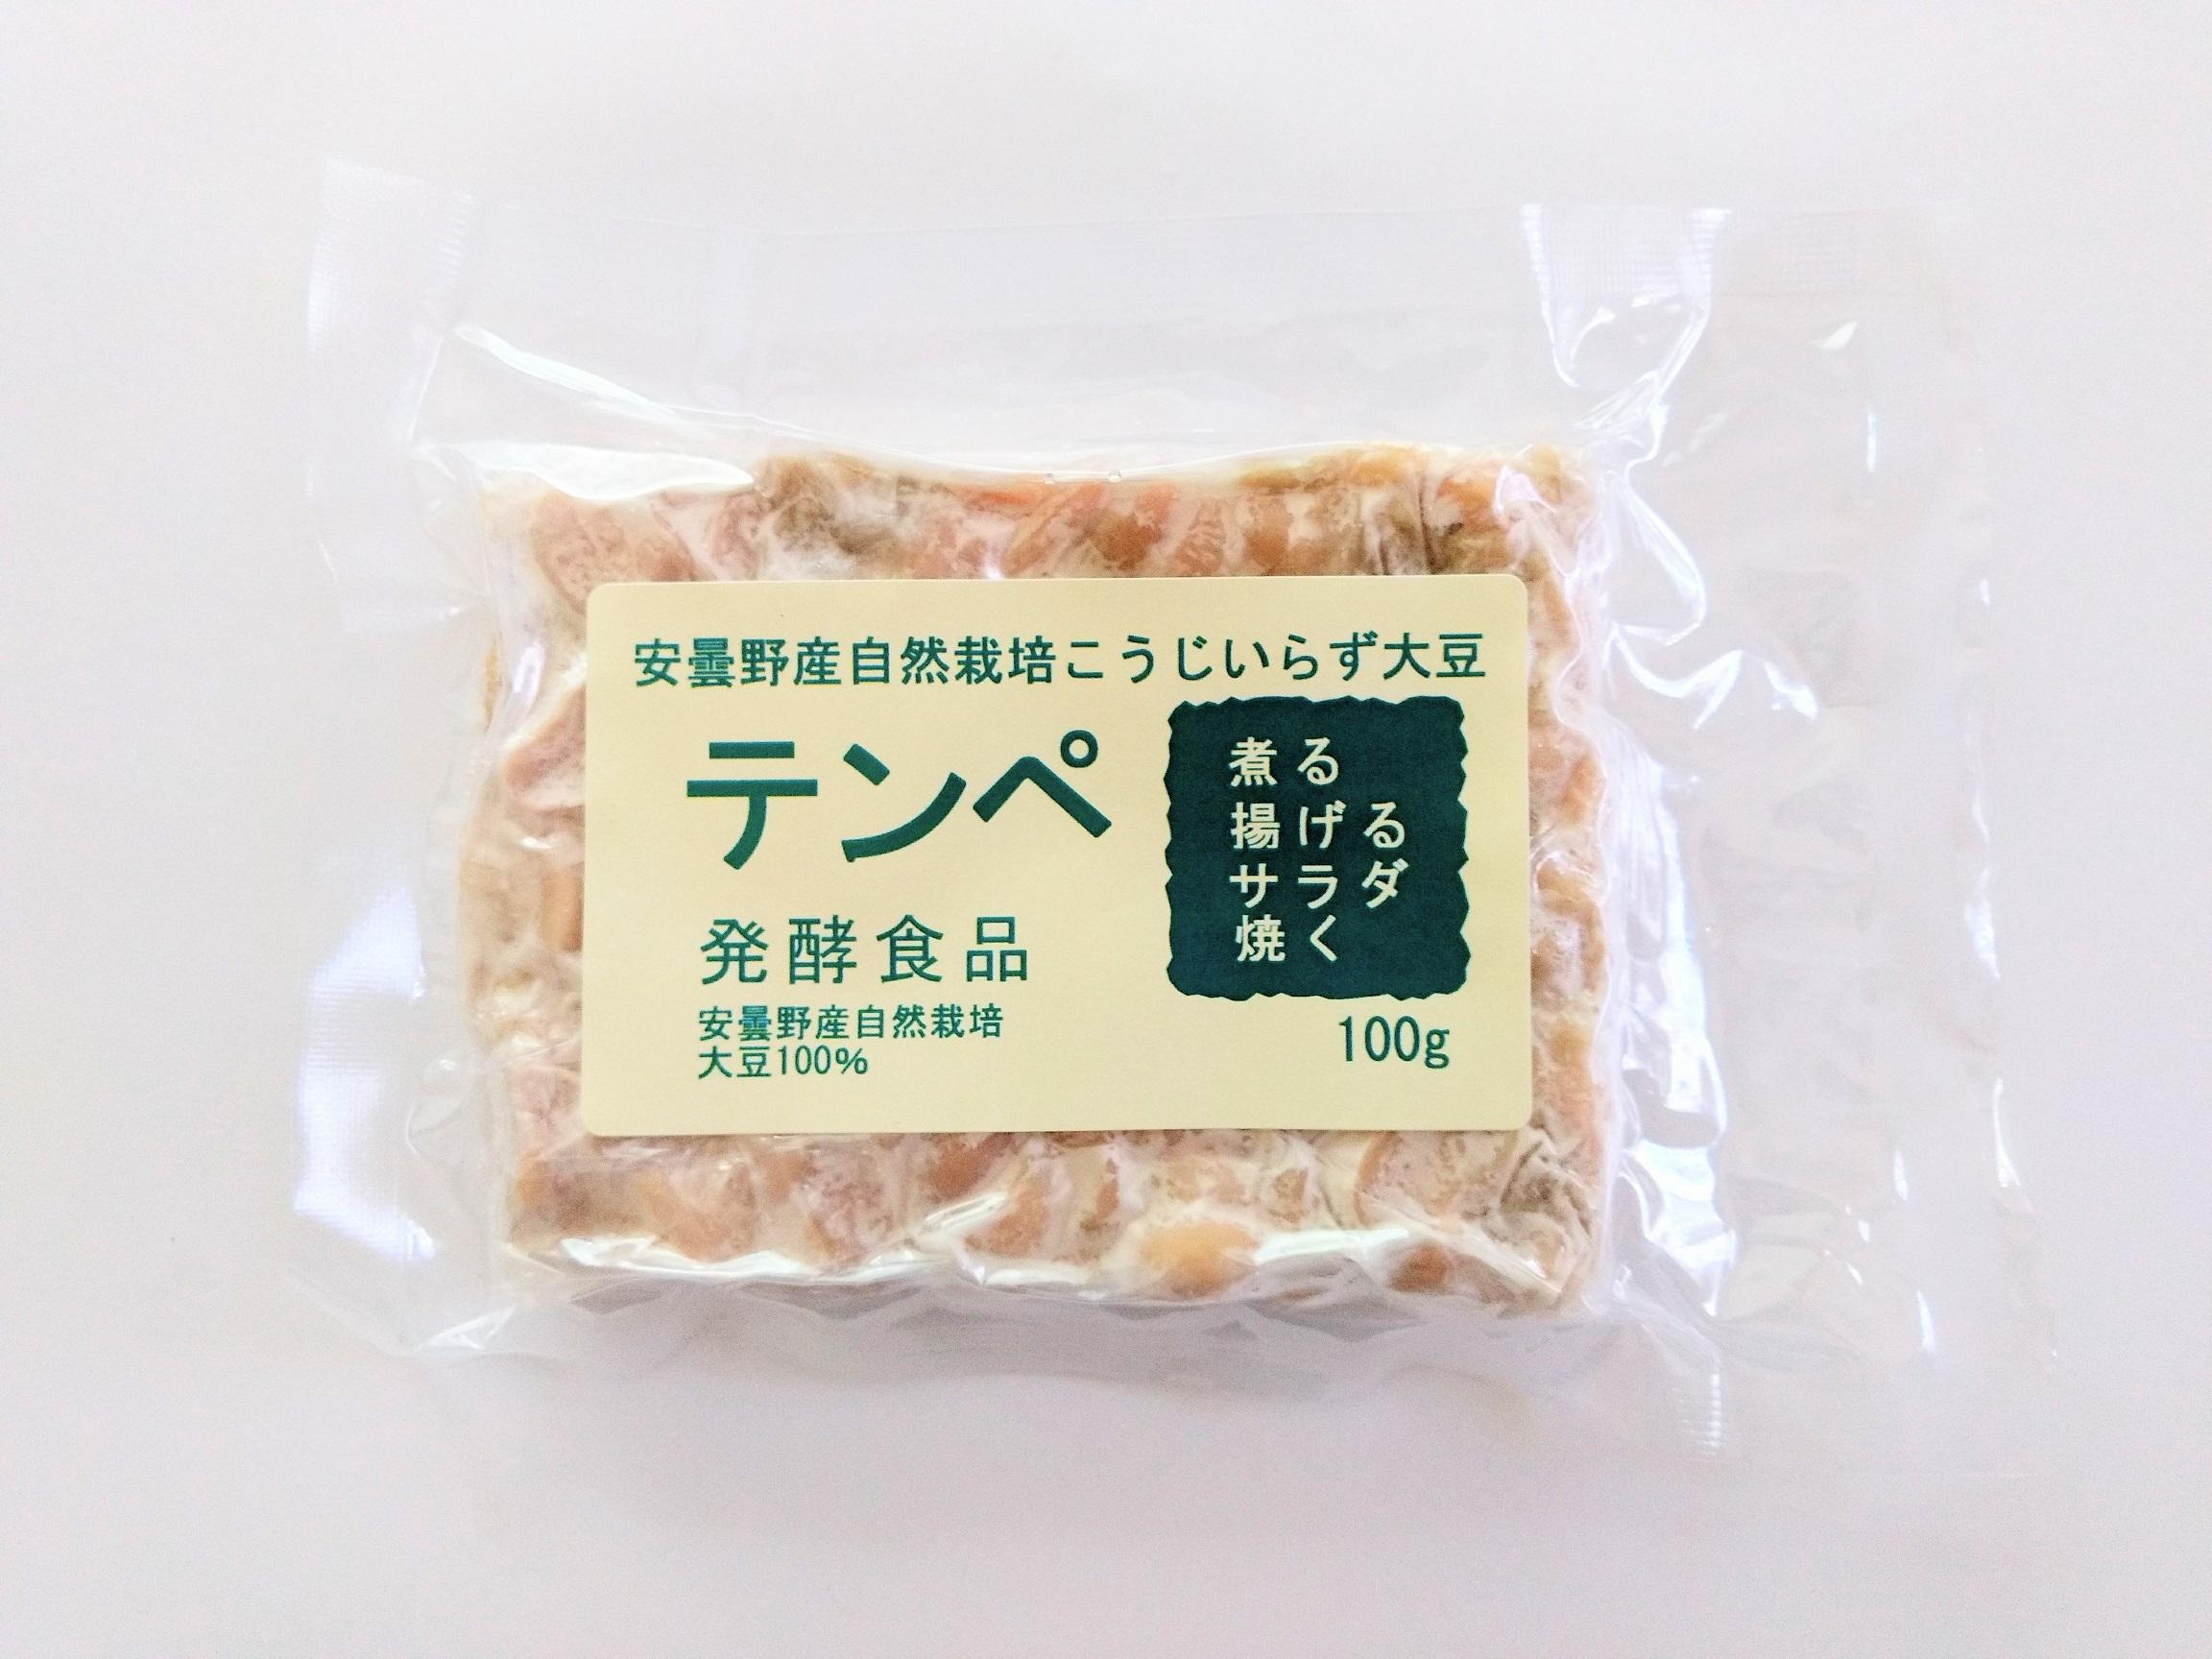 安曇野産自然栽培こうじいらず大豆テンペ100g